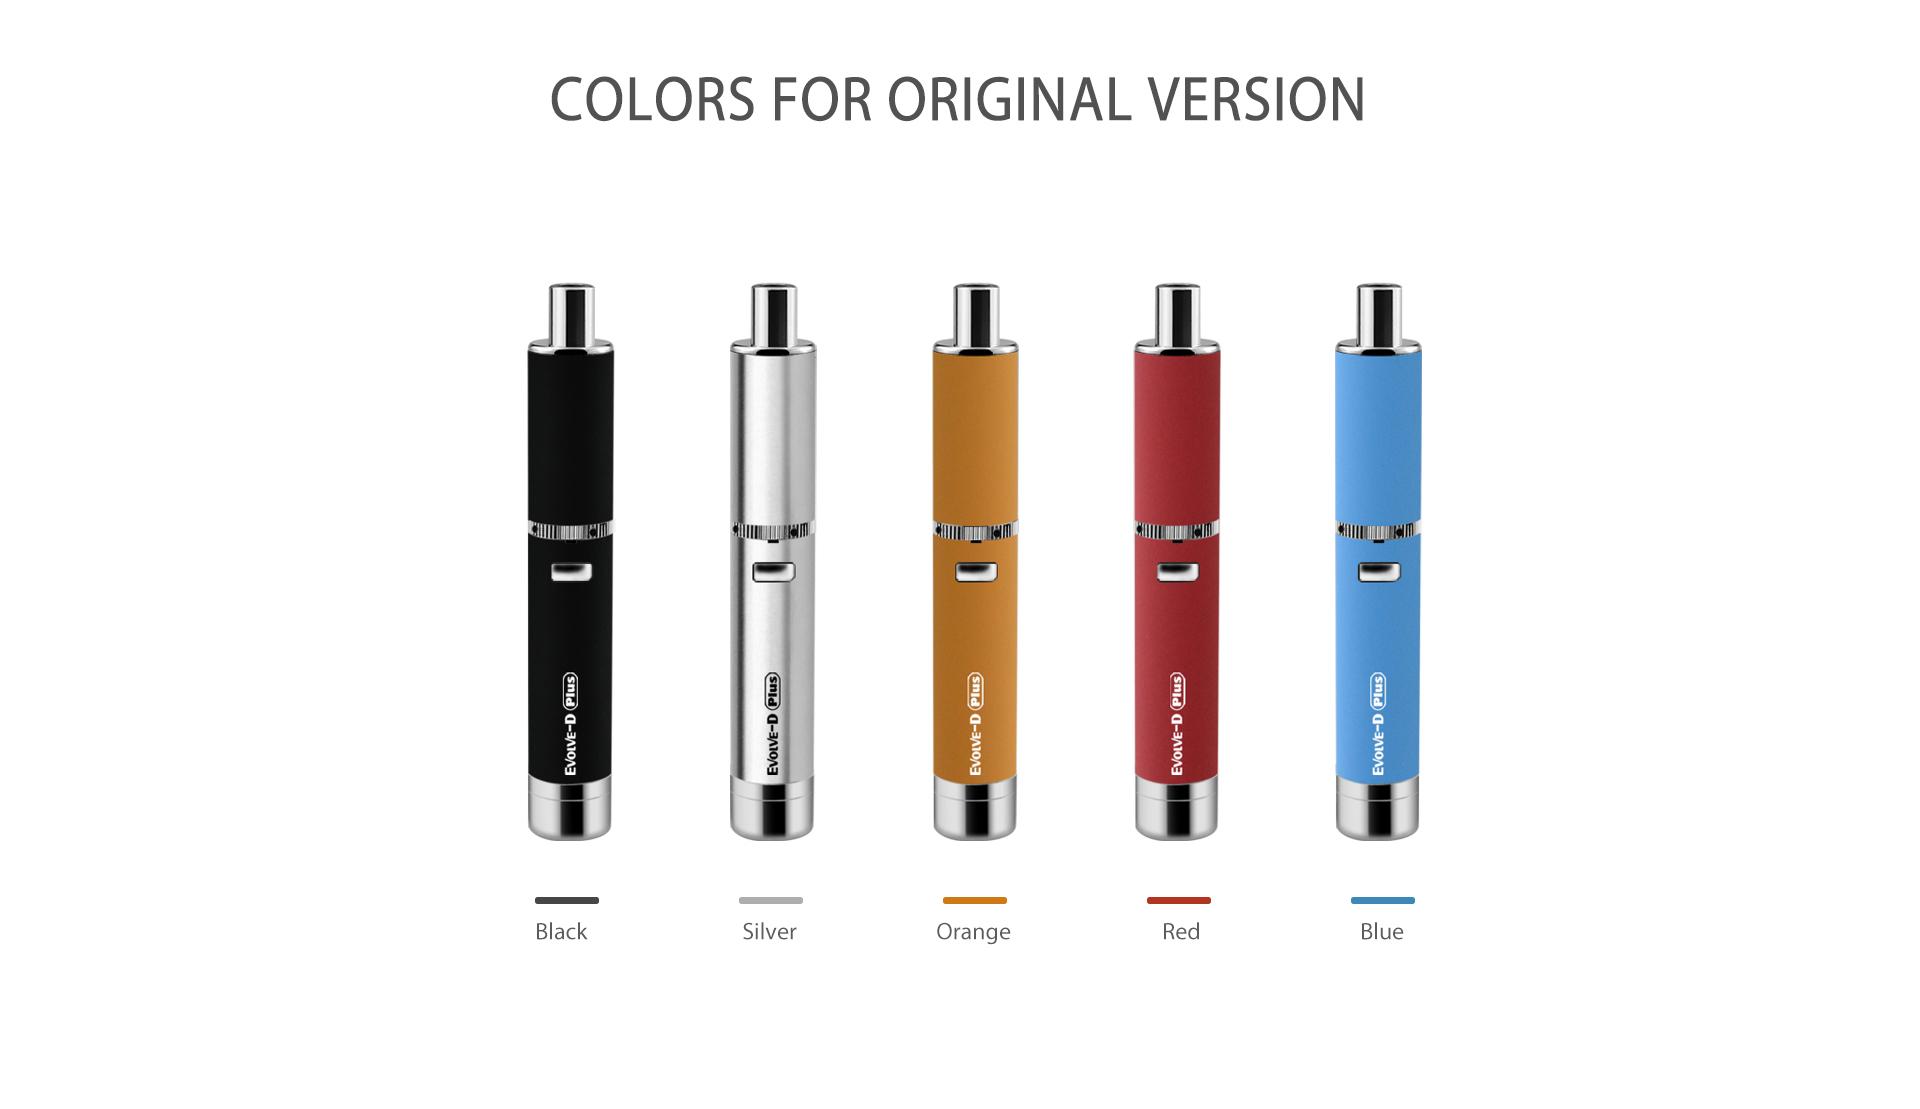 Yocan Evolve-D Plus vaporizer pen original version has 5 colors.